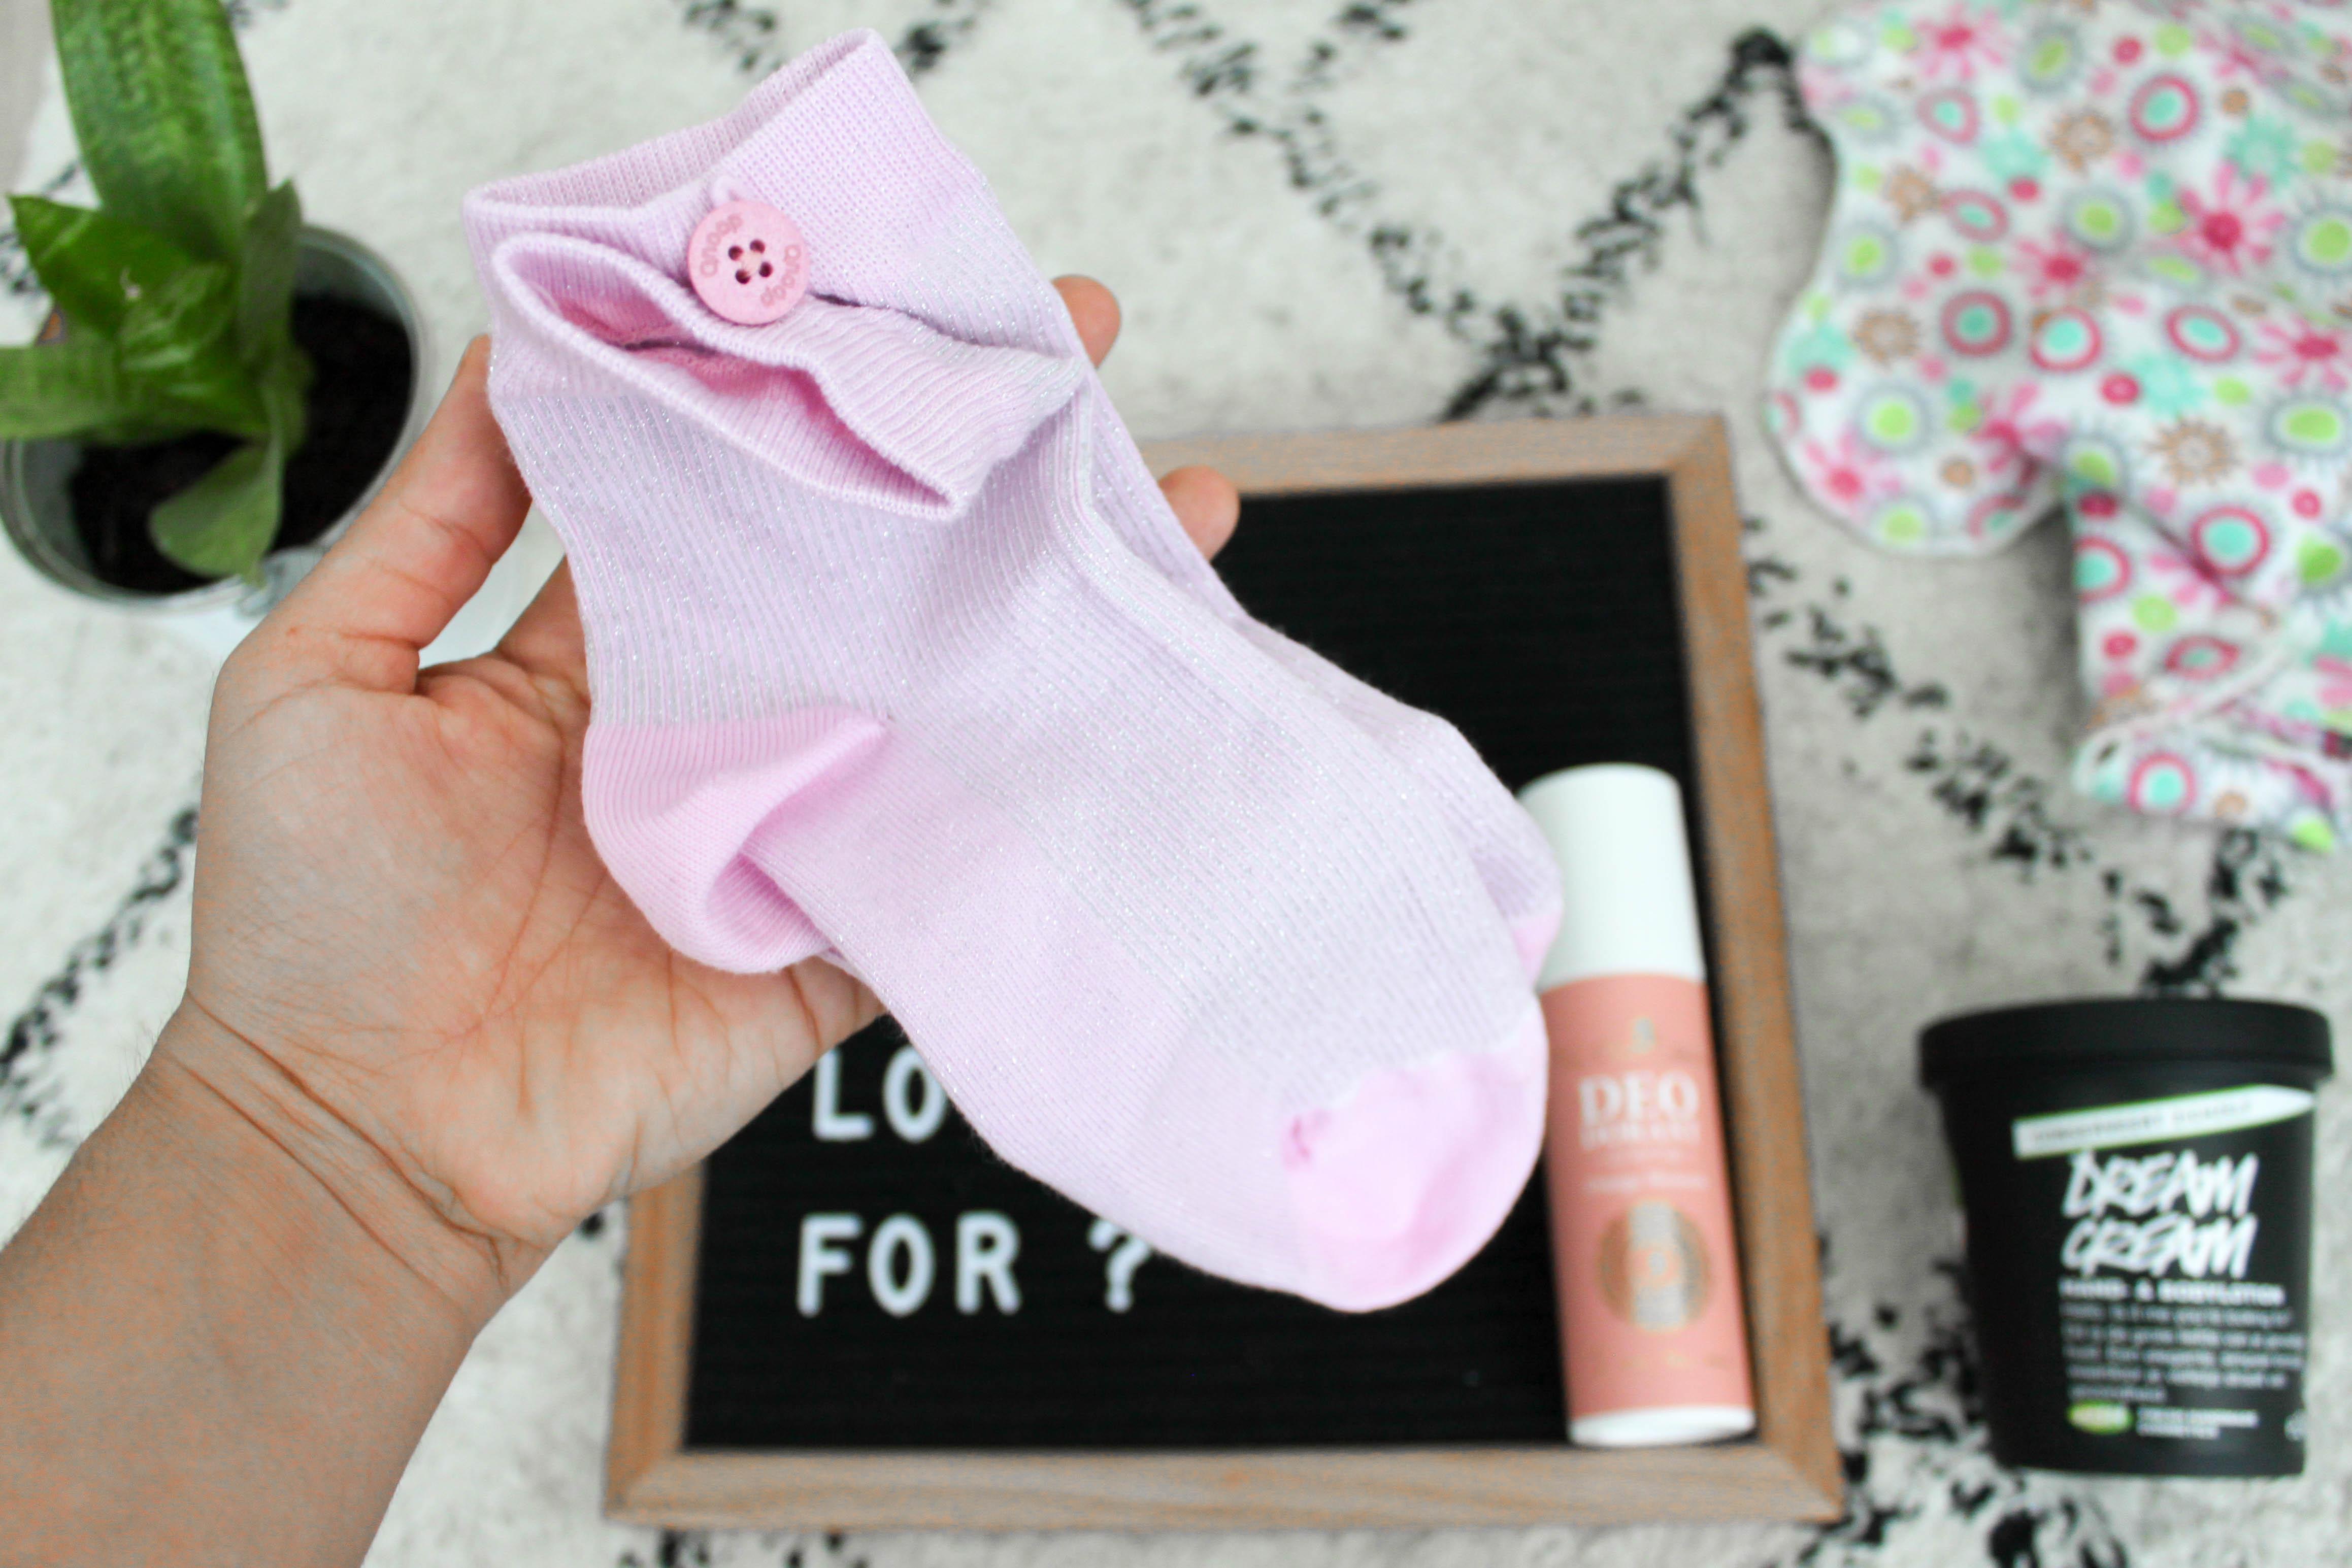 Qnoop sustainable socks